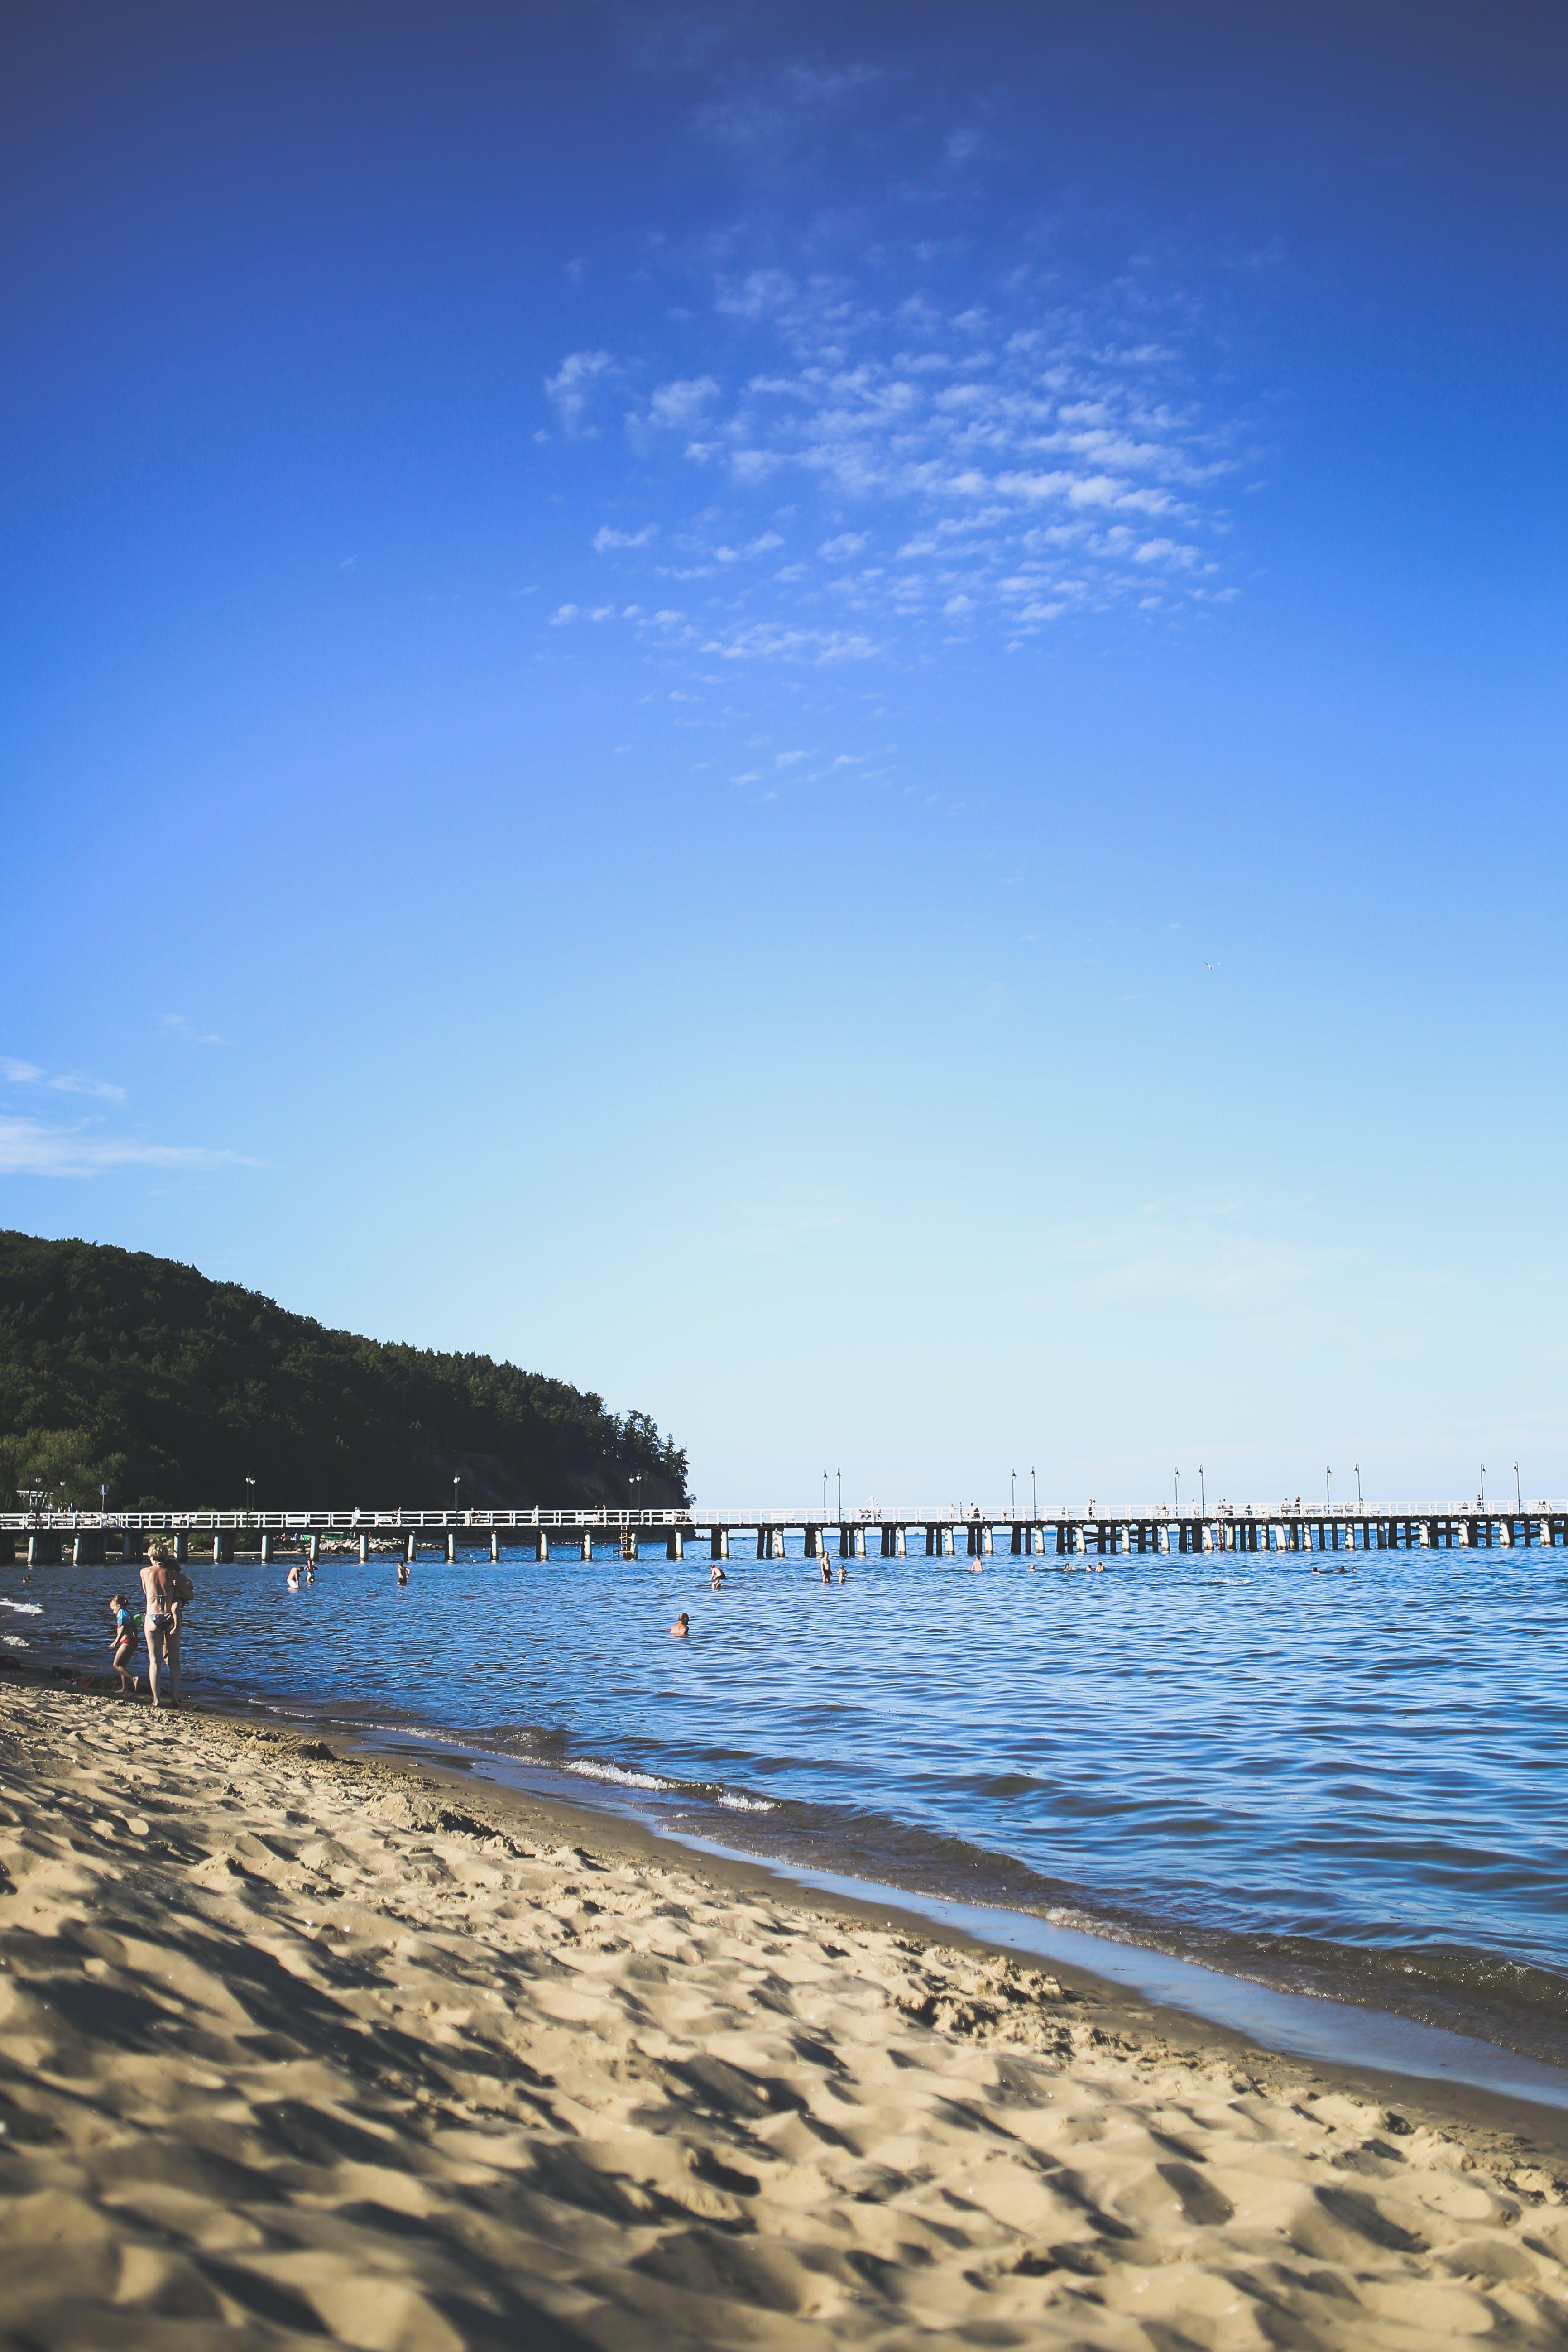 Beach & pier